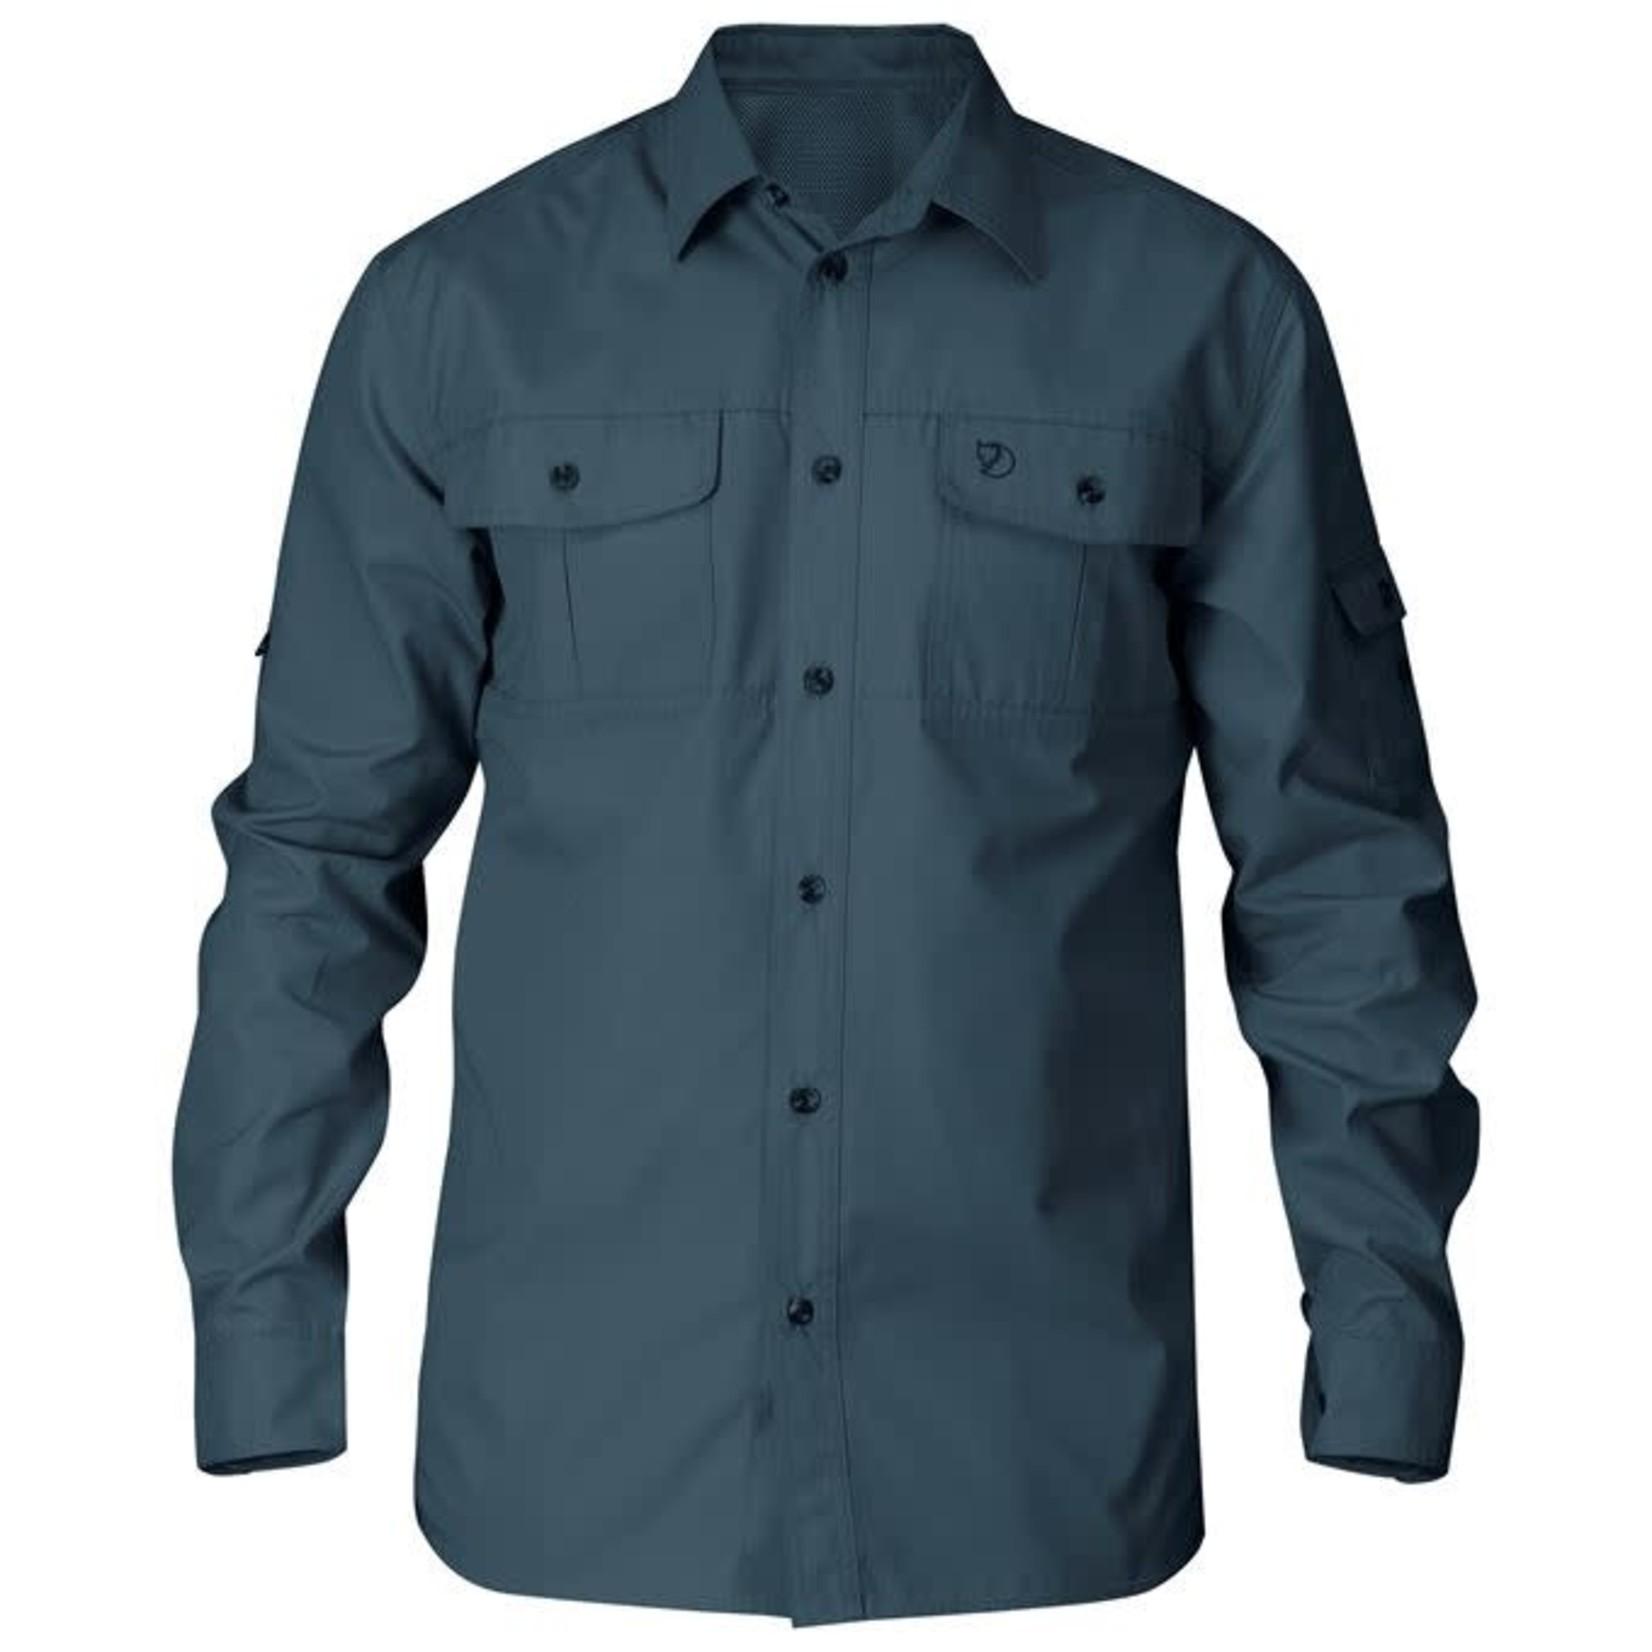 Fjallraven Fjallraven Trekking Shirt Men